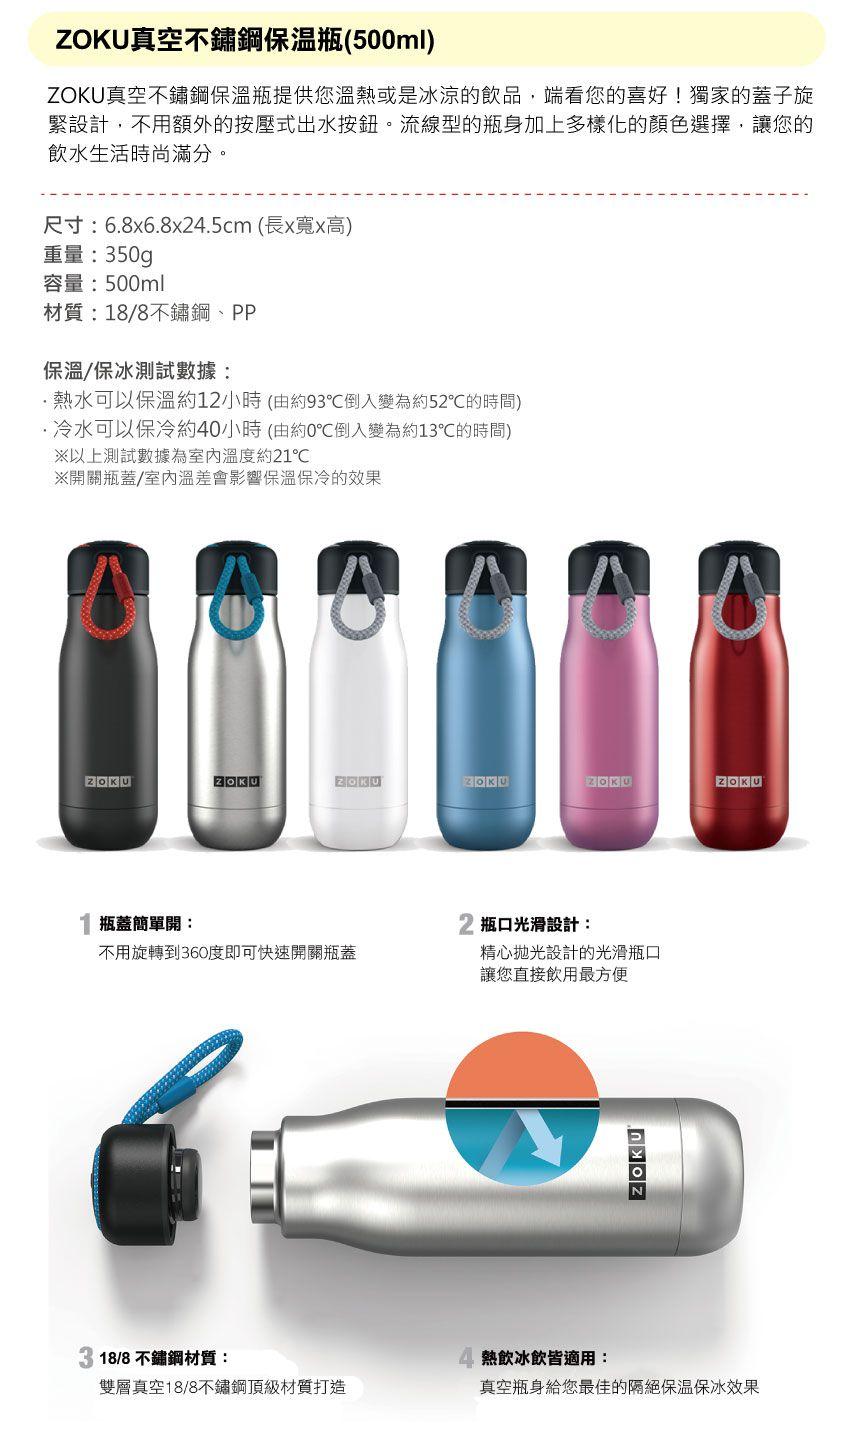 美國 ZOKU真空不鏽鋼保溫瓶 500ml